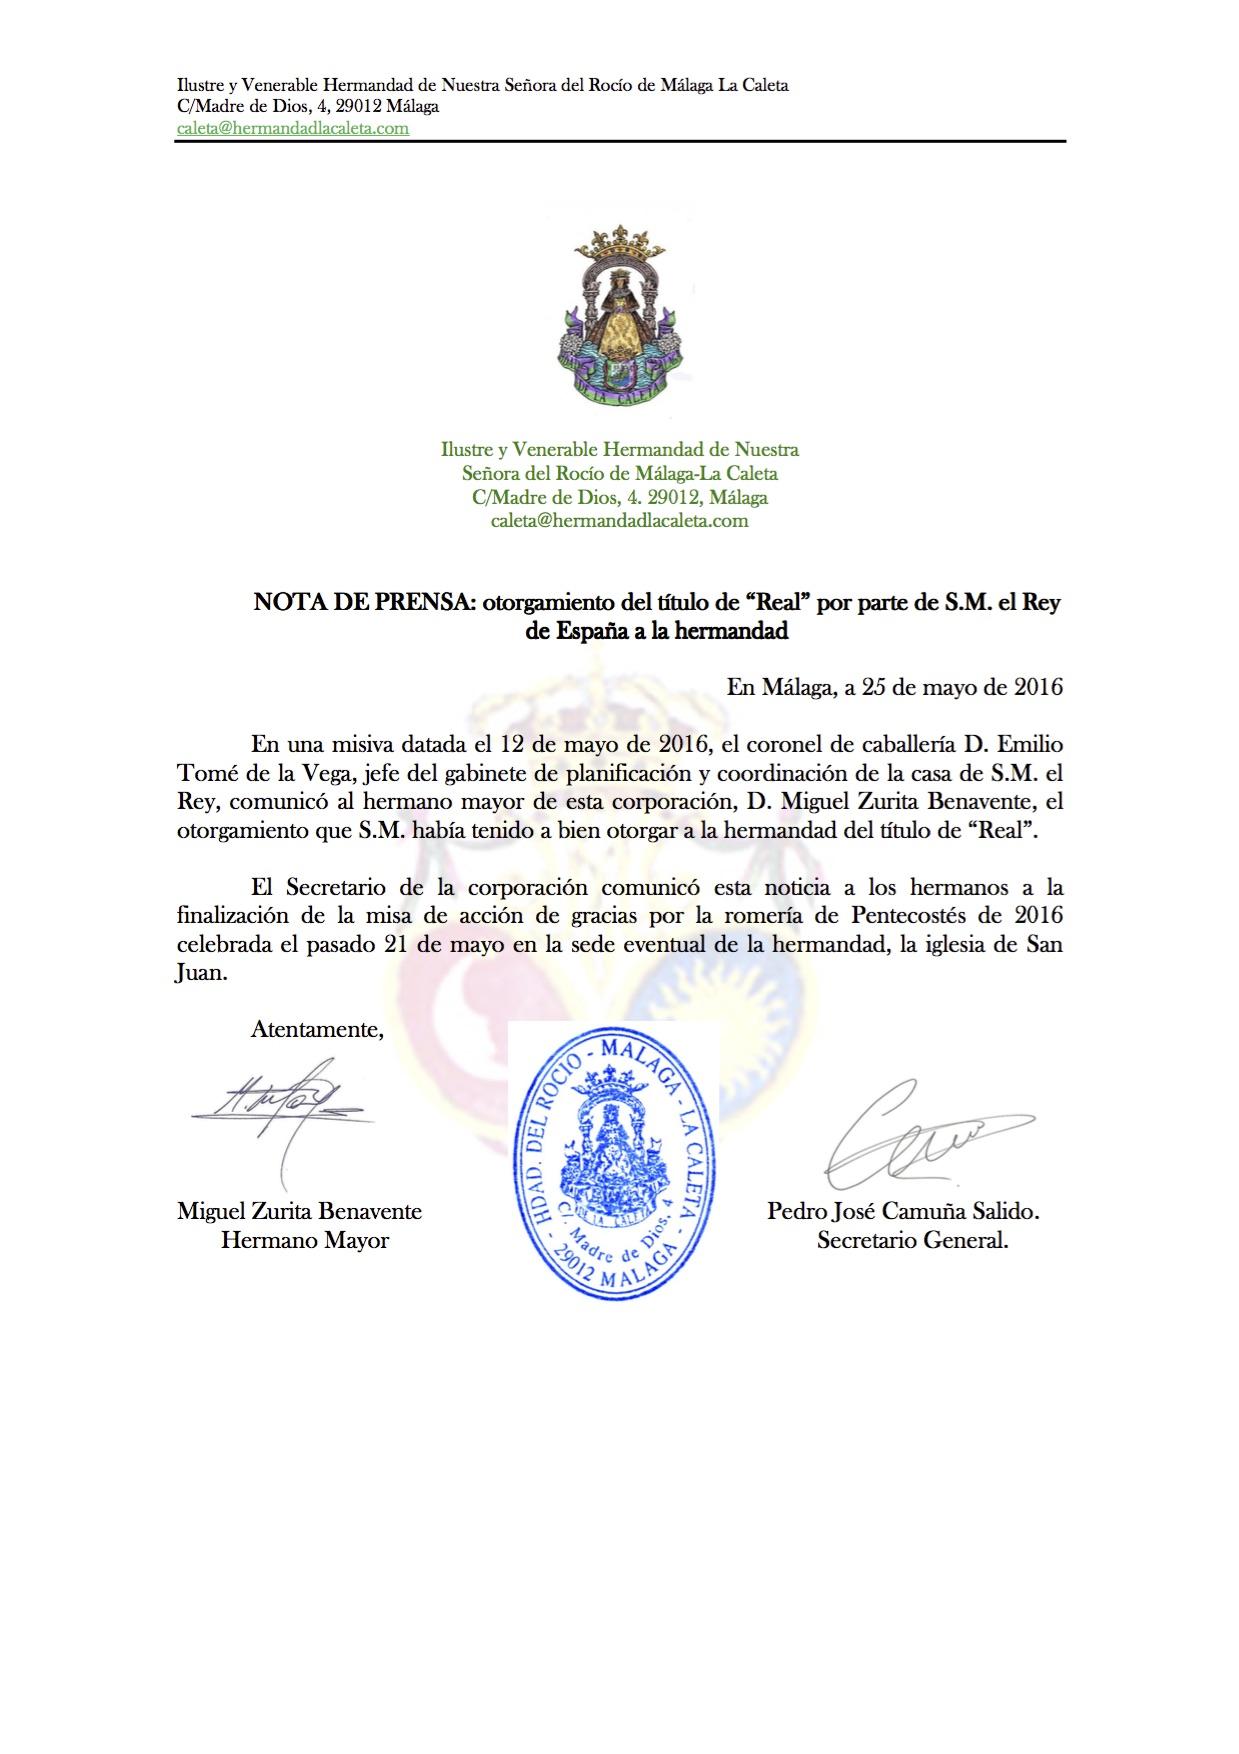 La Caleta Real Carta y credencial-0